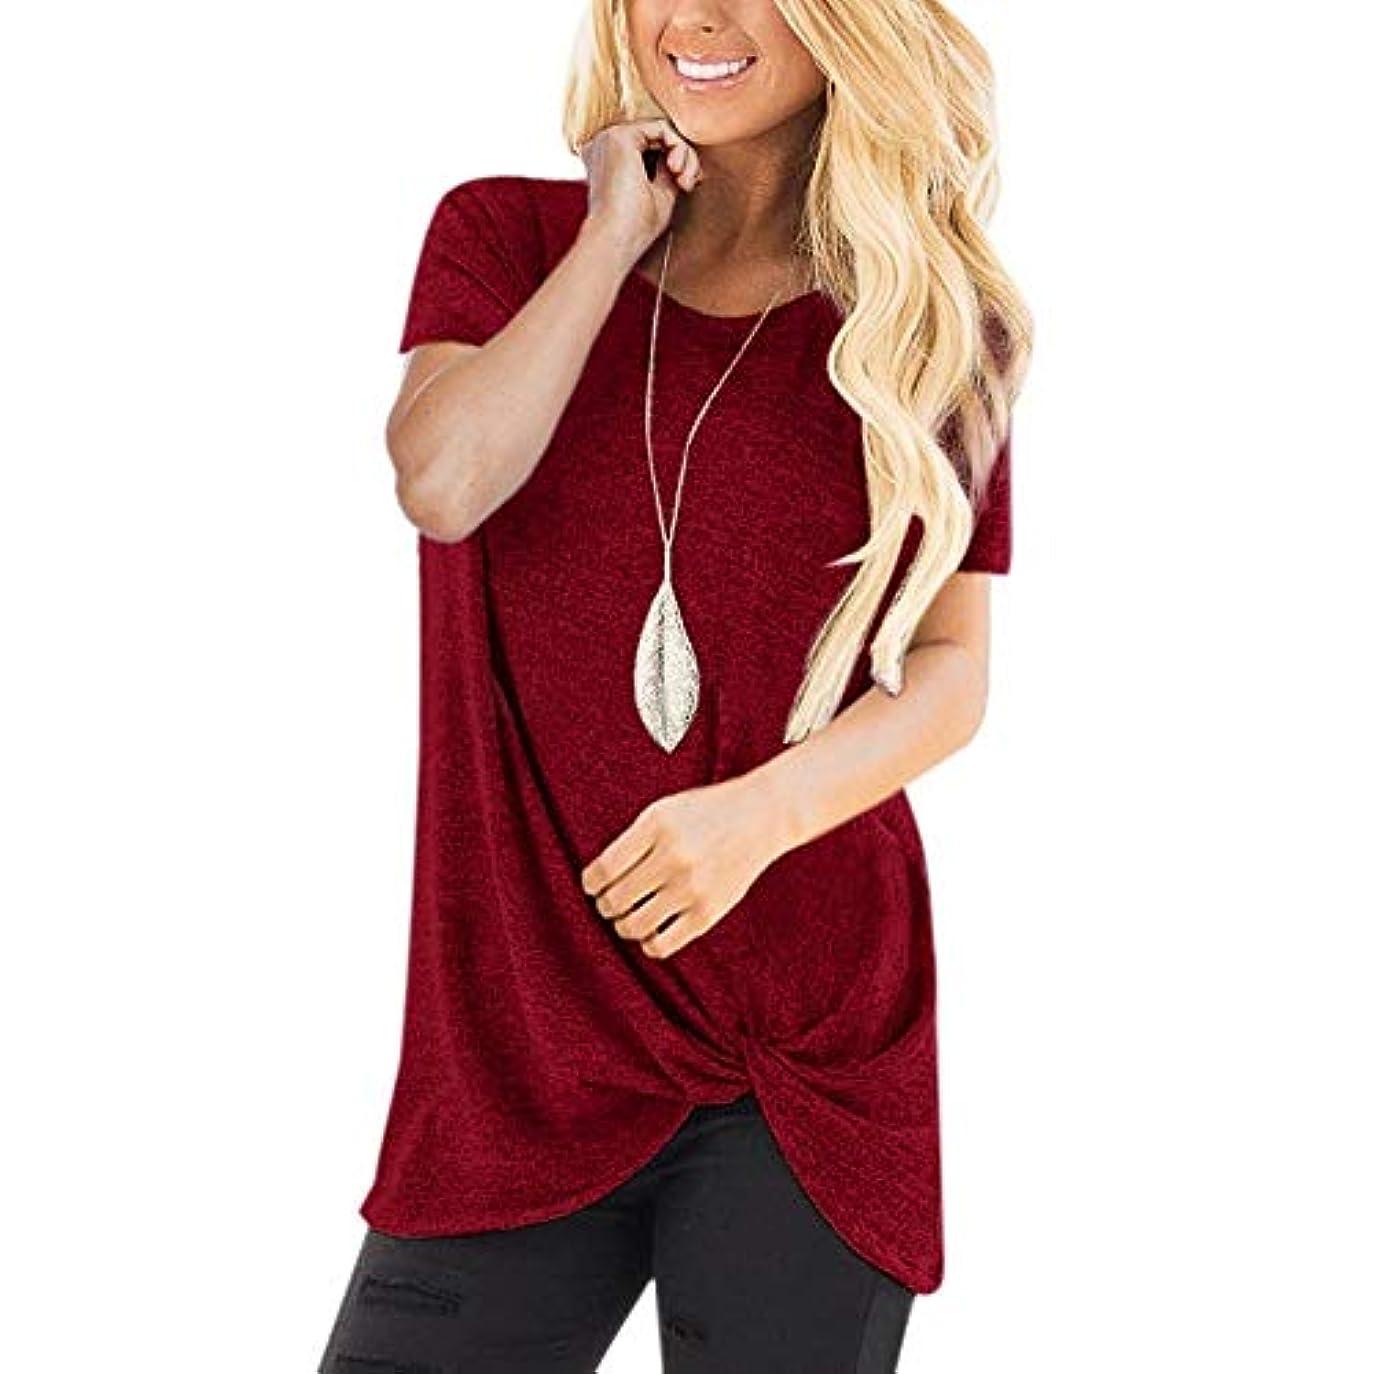 委託悪名高い快適MIFAN コットンTシャツ、カジュアルTシャツ、レディースブラウス、トップス&Tシャツ、プラスサイズ、ルーズtシャツ